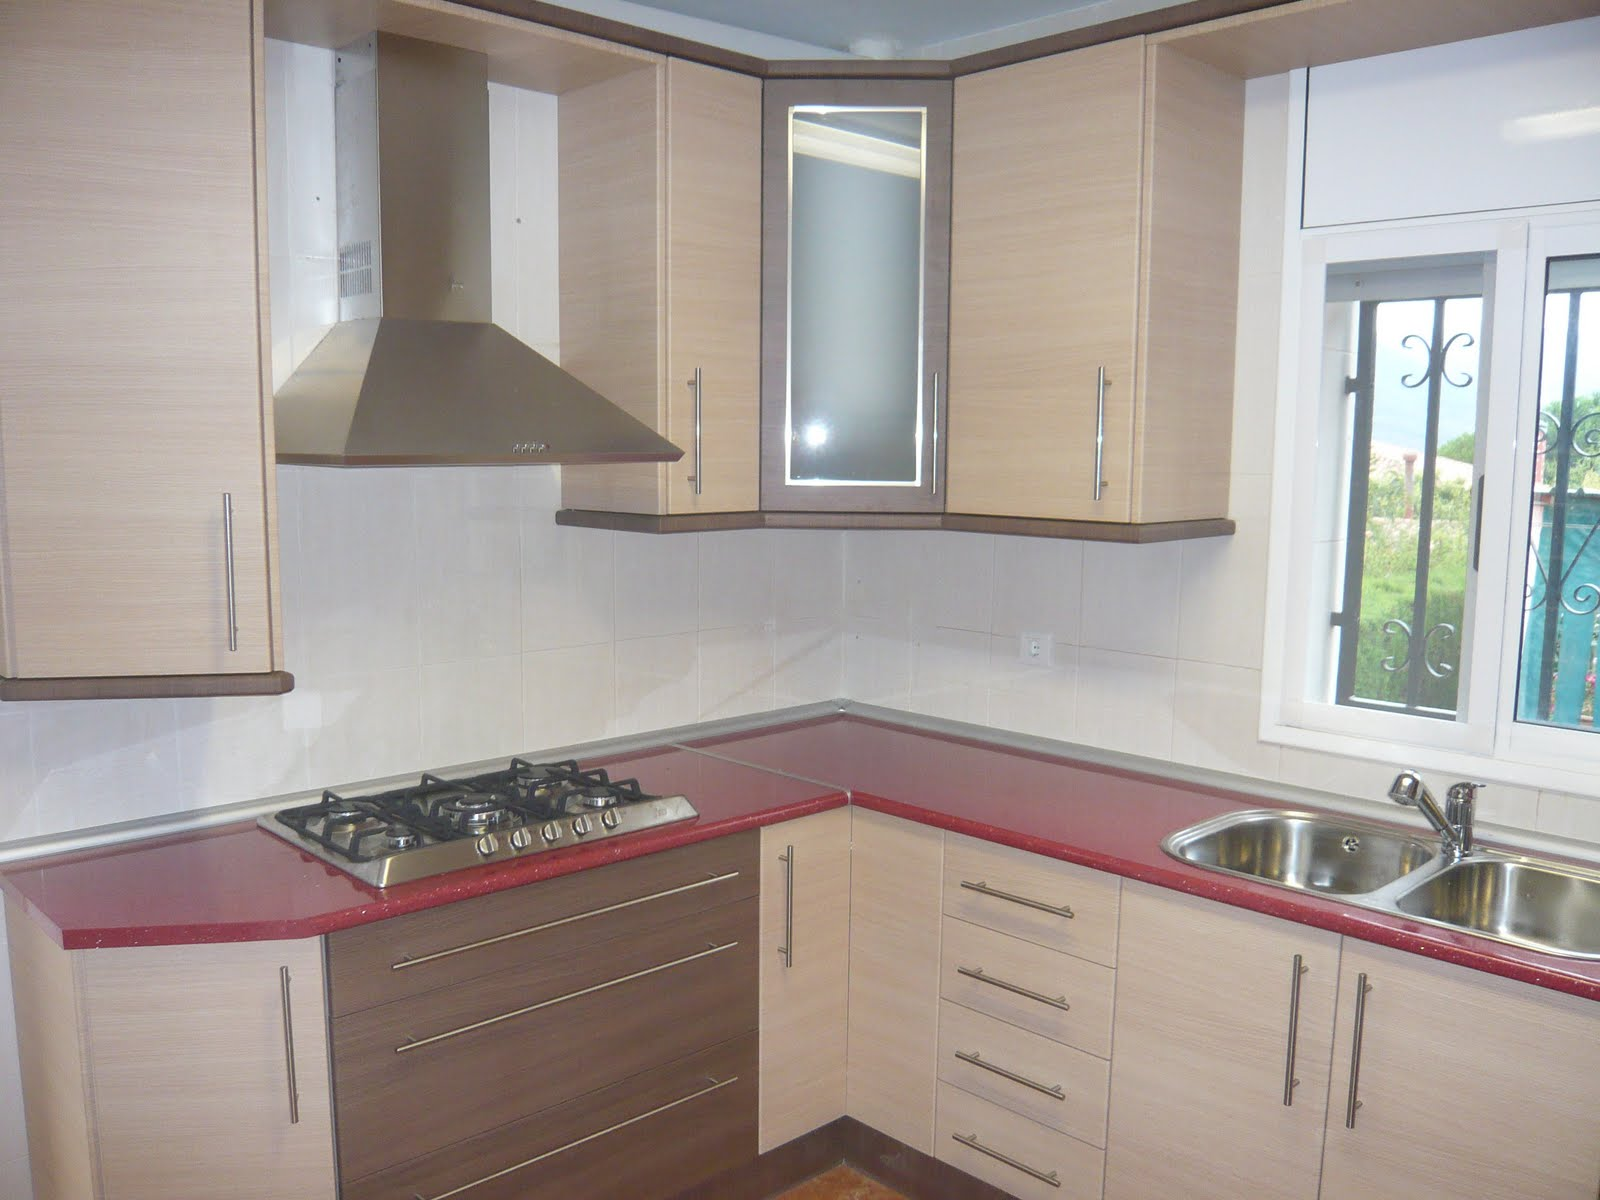 Reuscuina cocina de formica en color roble combinada - Formica para cocinas ...